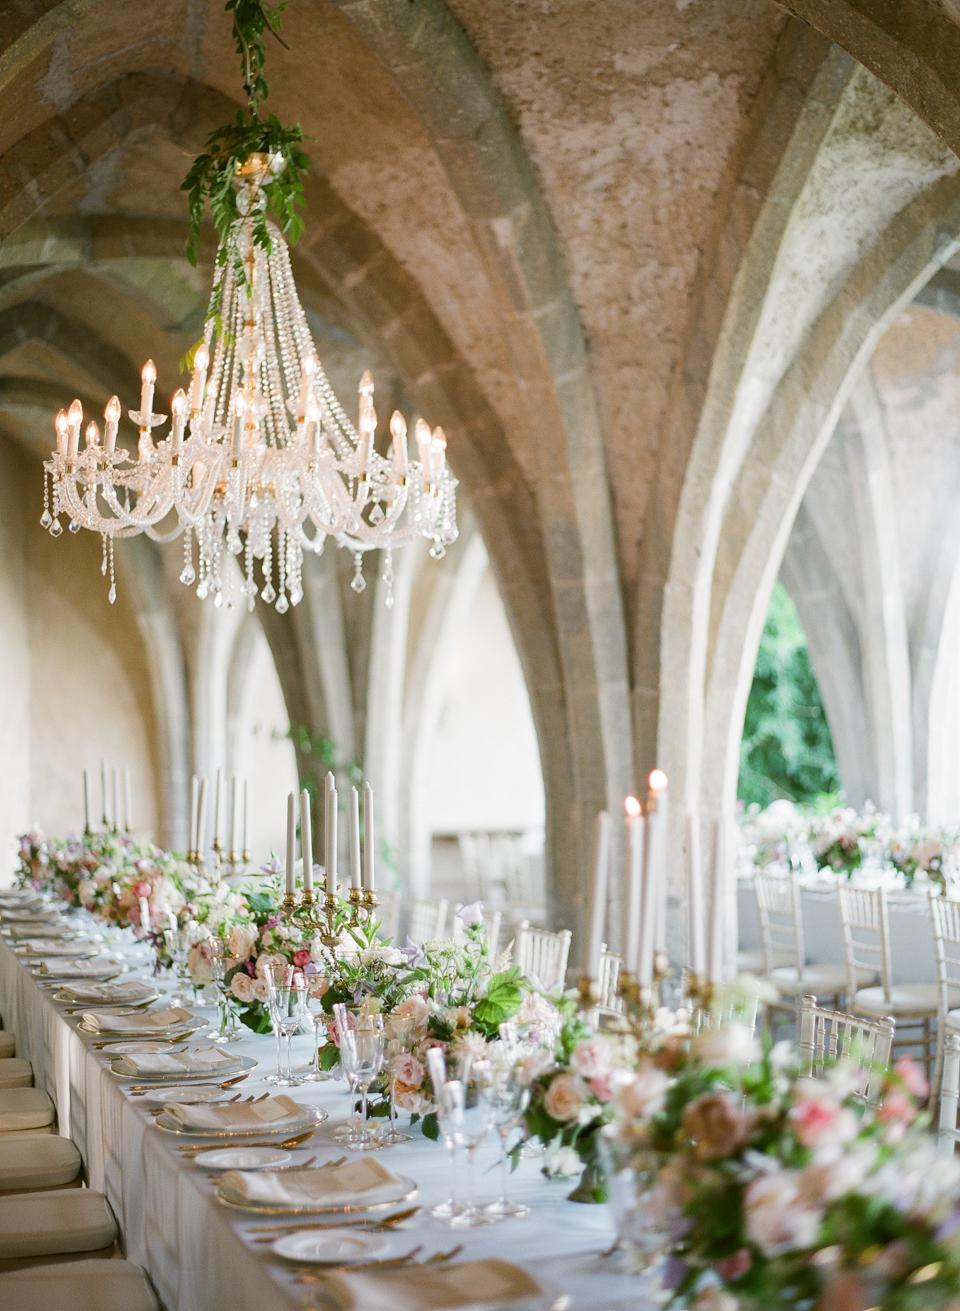 adrienne cameron wedding reception in crypt